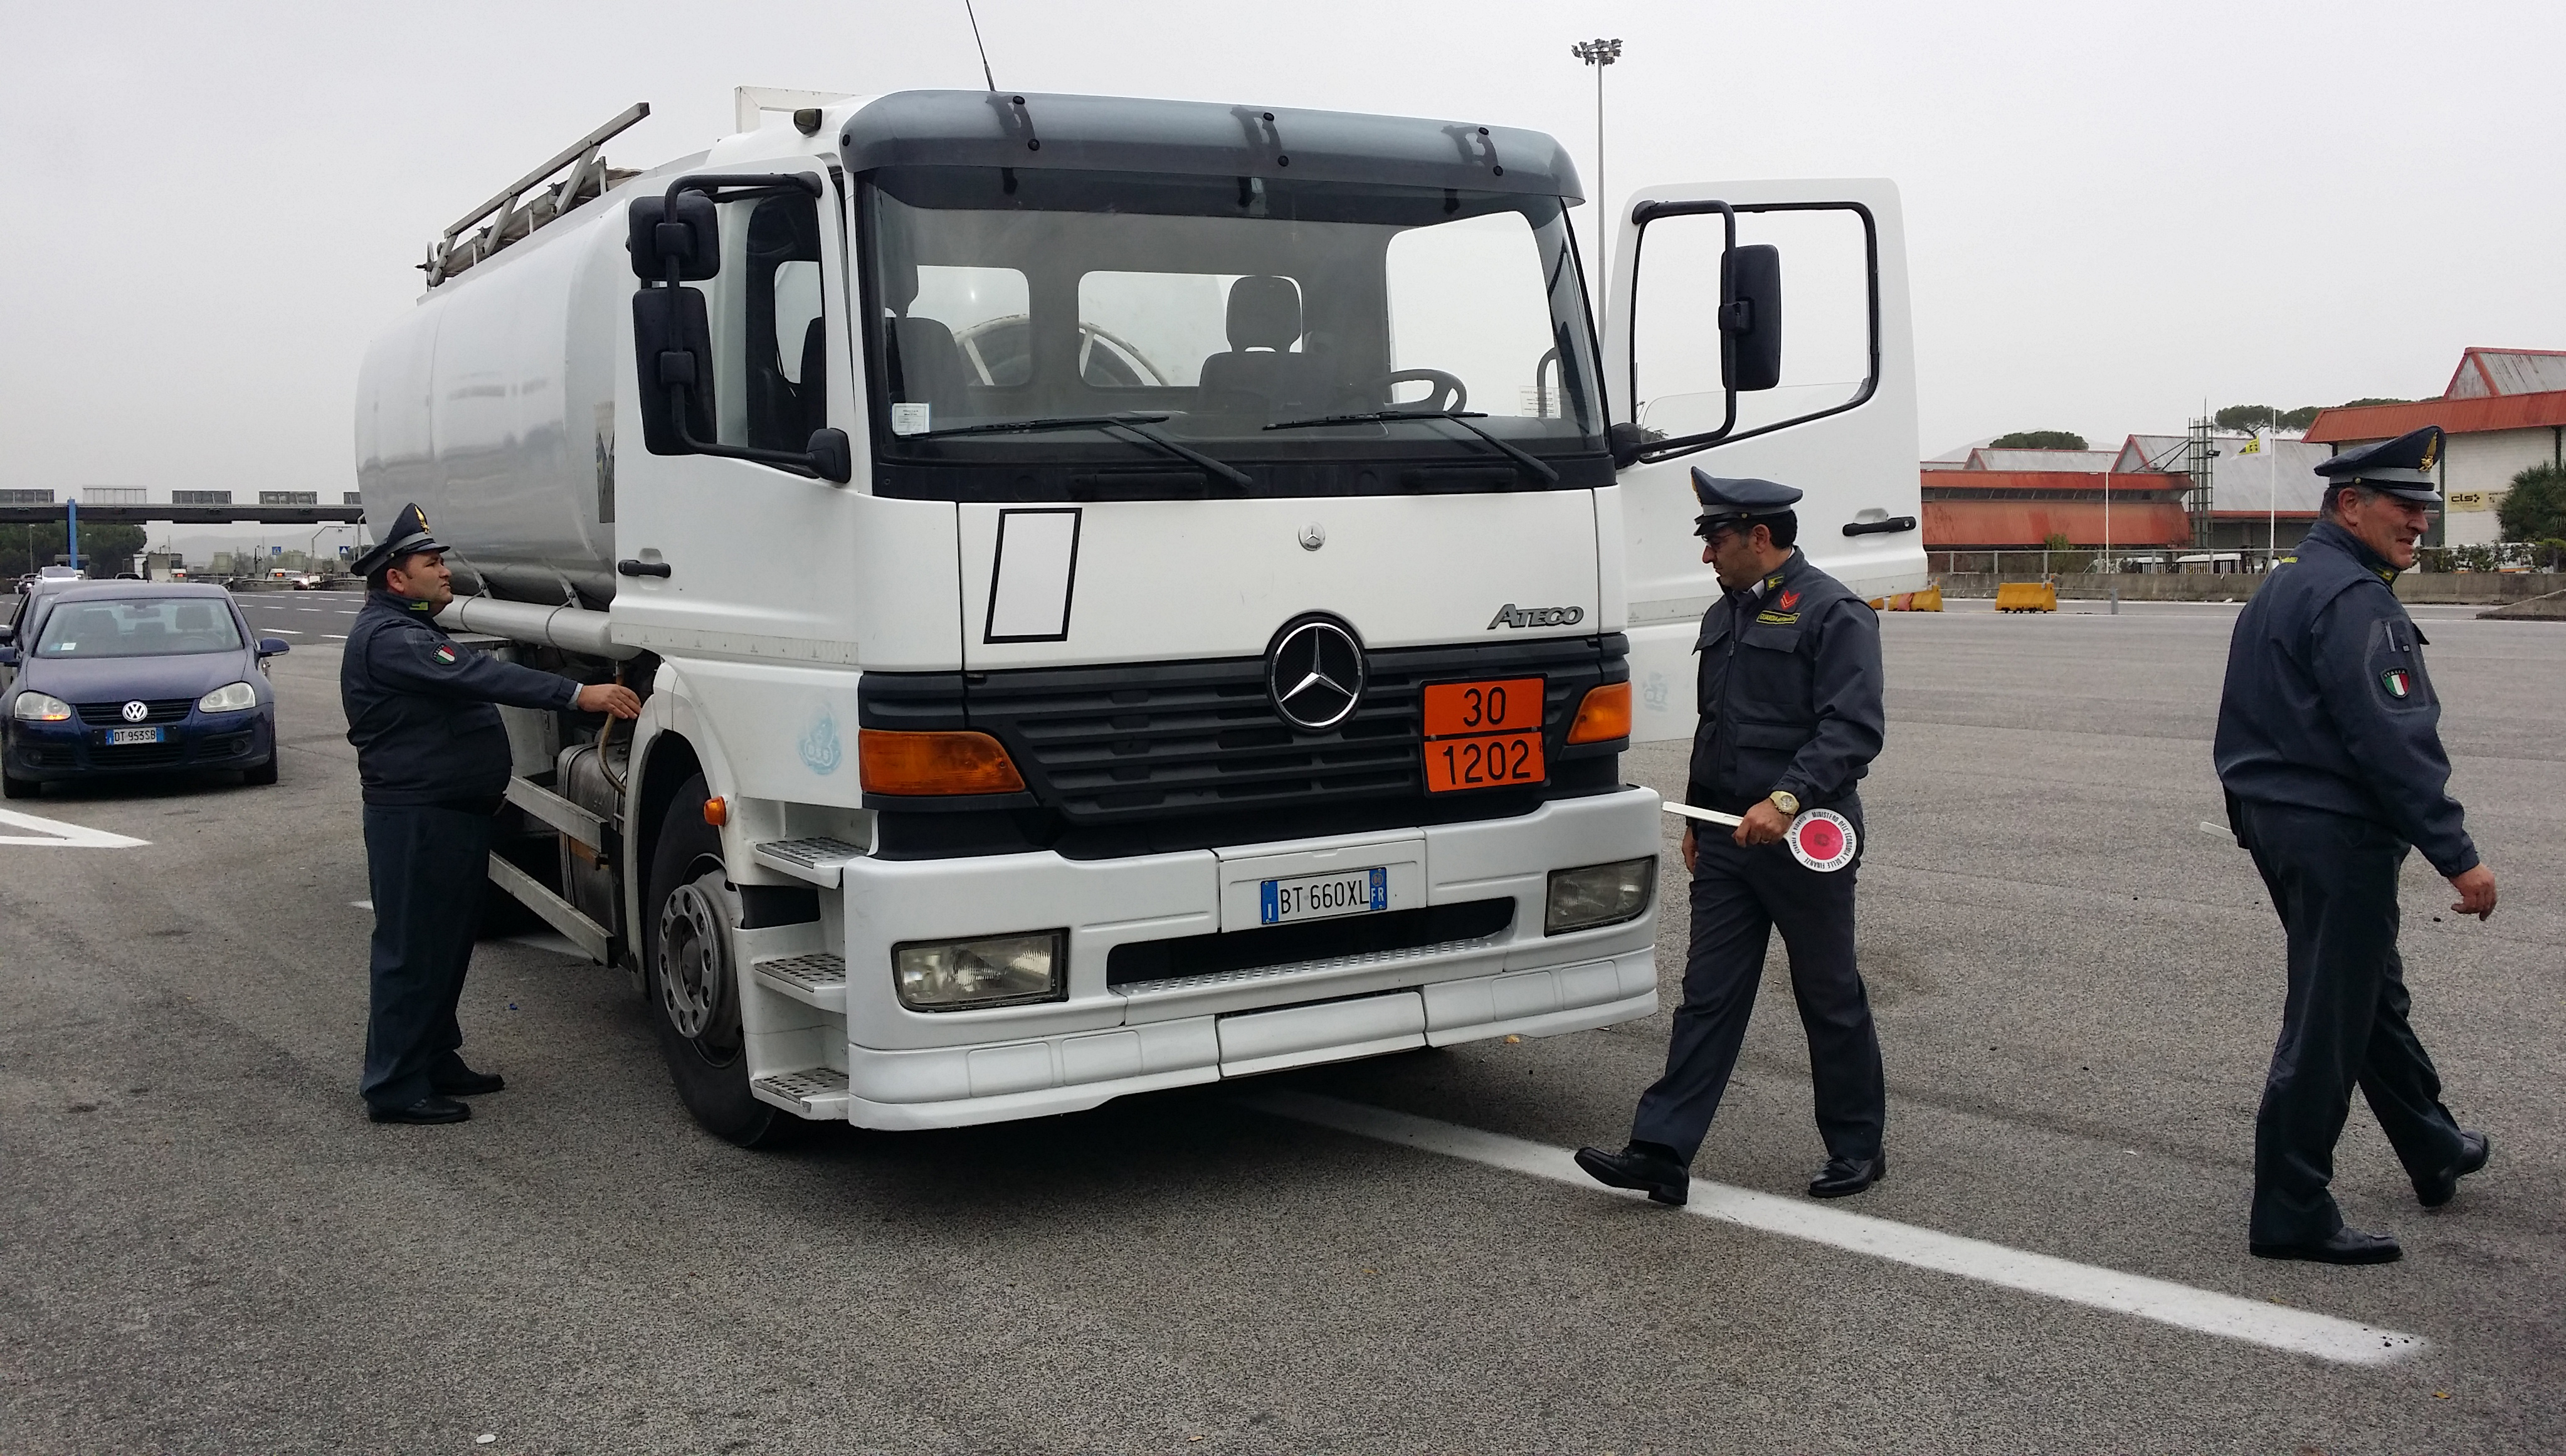 Contrabbando di gasolio, 19 arresti a Trani